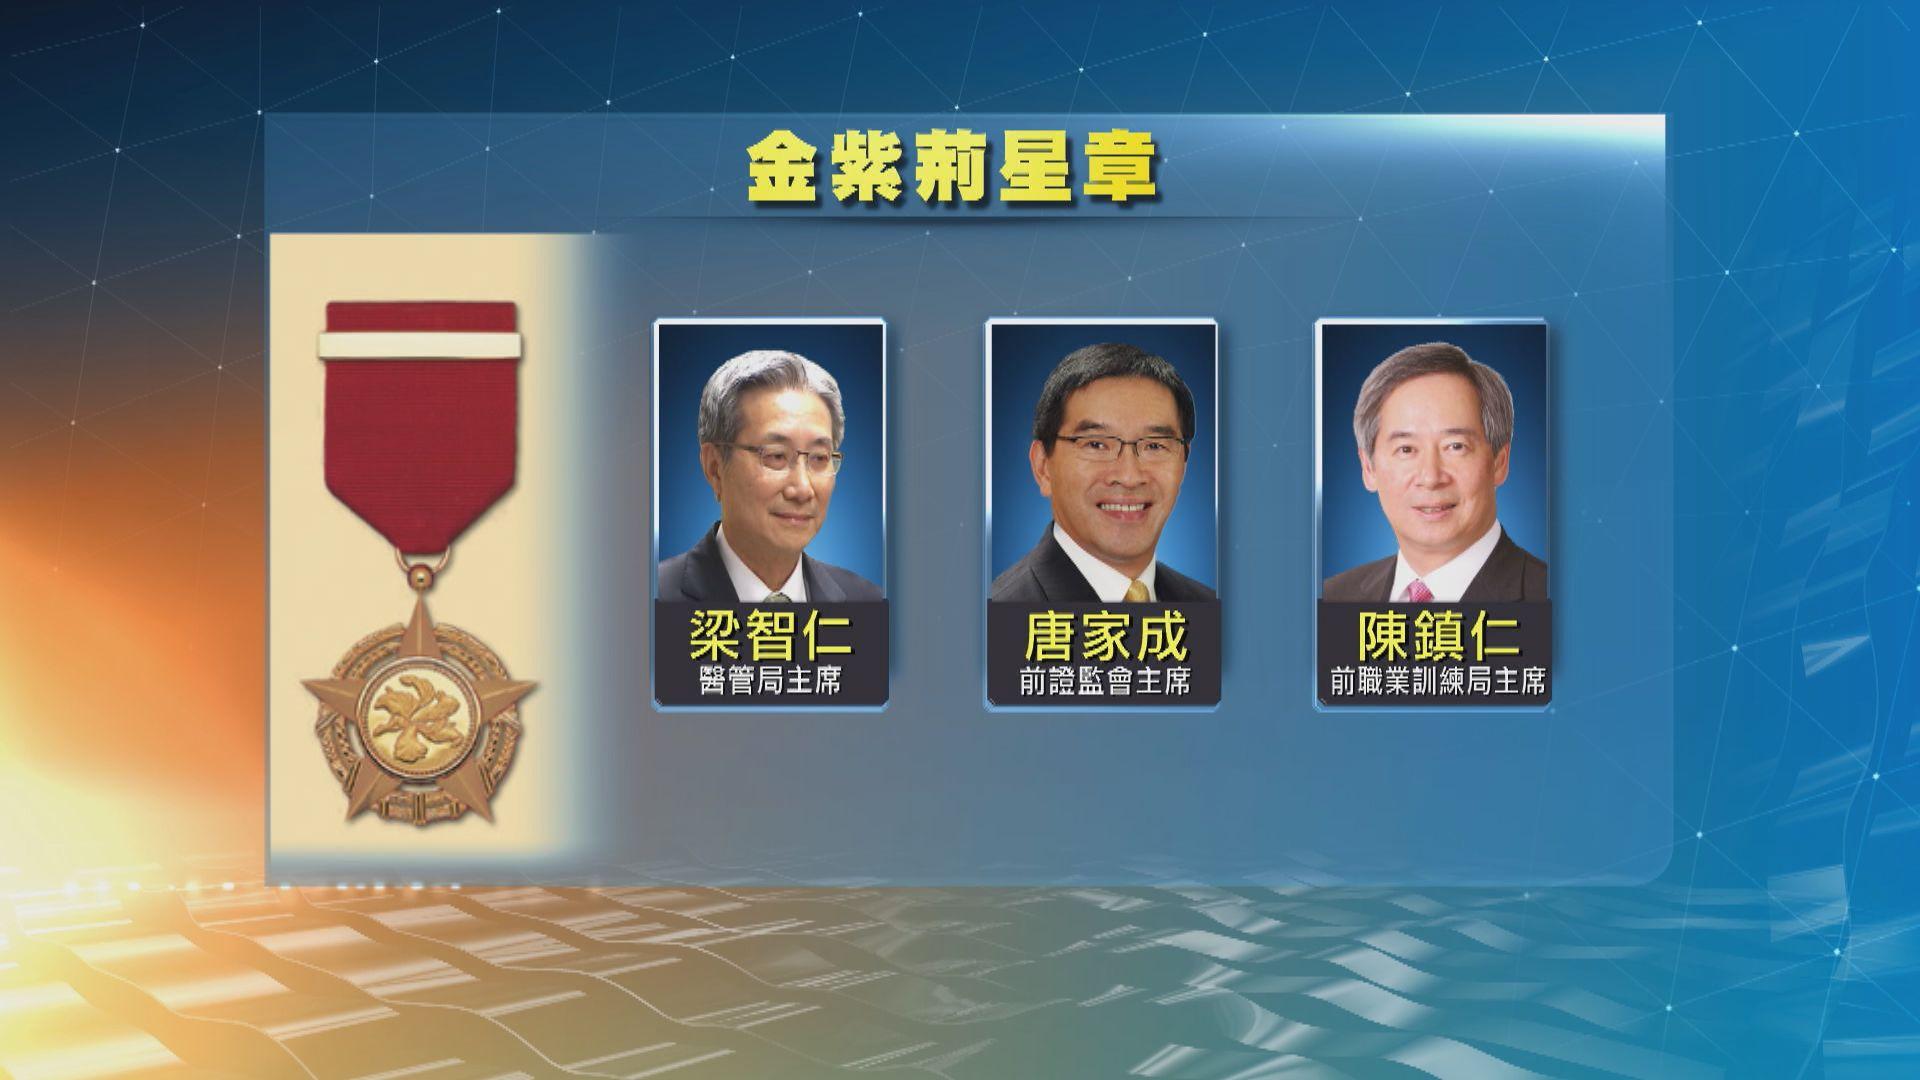 399人獲授勳及嘉獎 歷來第二多